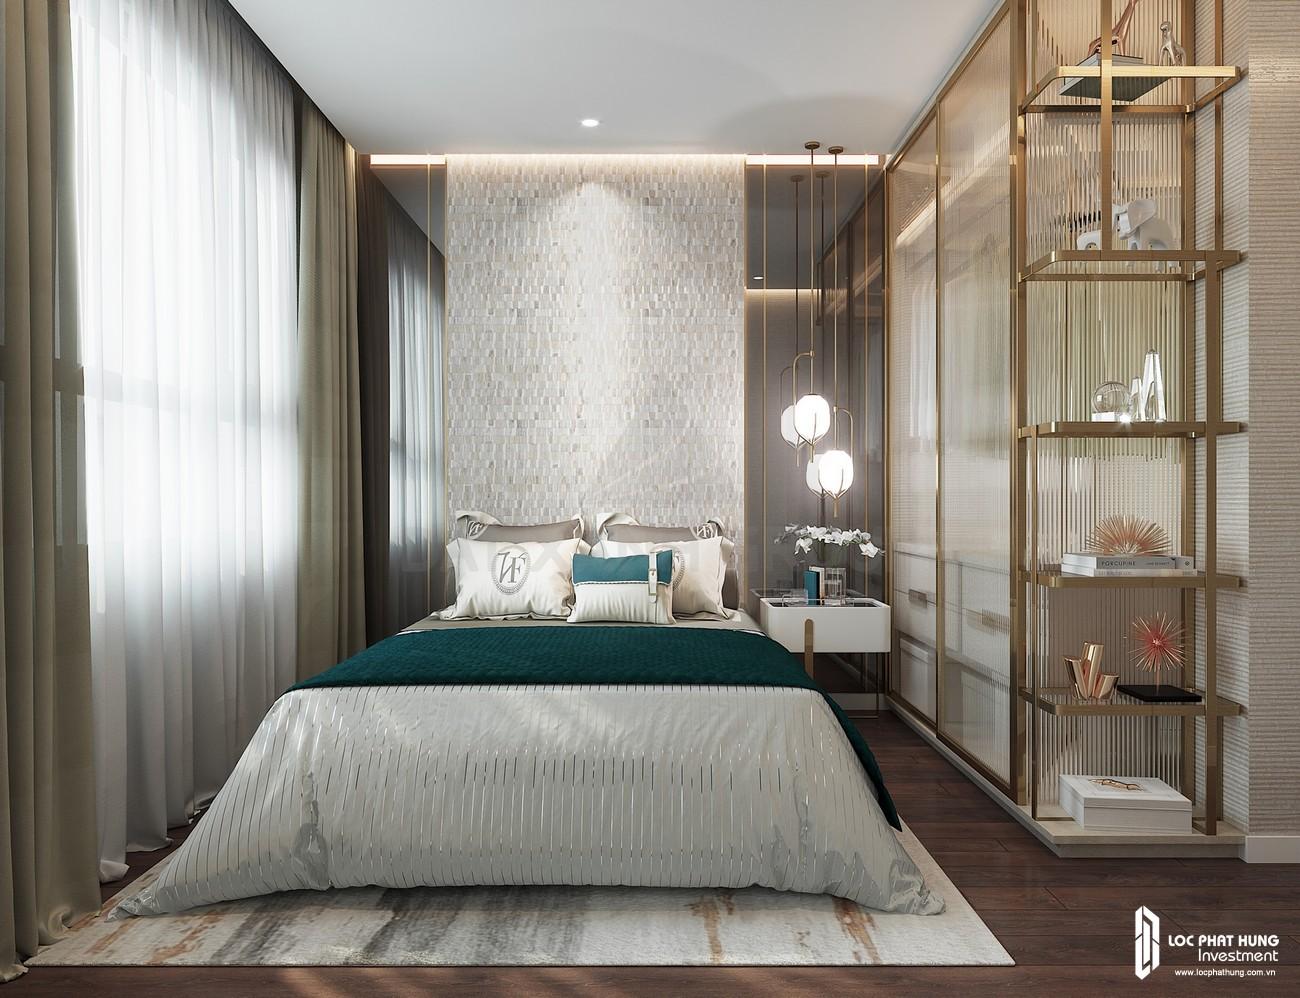 Thiế kế phòng ngủ Master của nhà mẫu loại 2 phòng ngủ dự án căn hộ chung cư Opal Skyline Thuận An